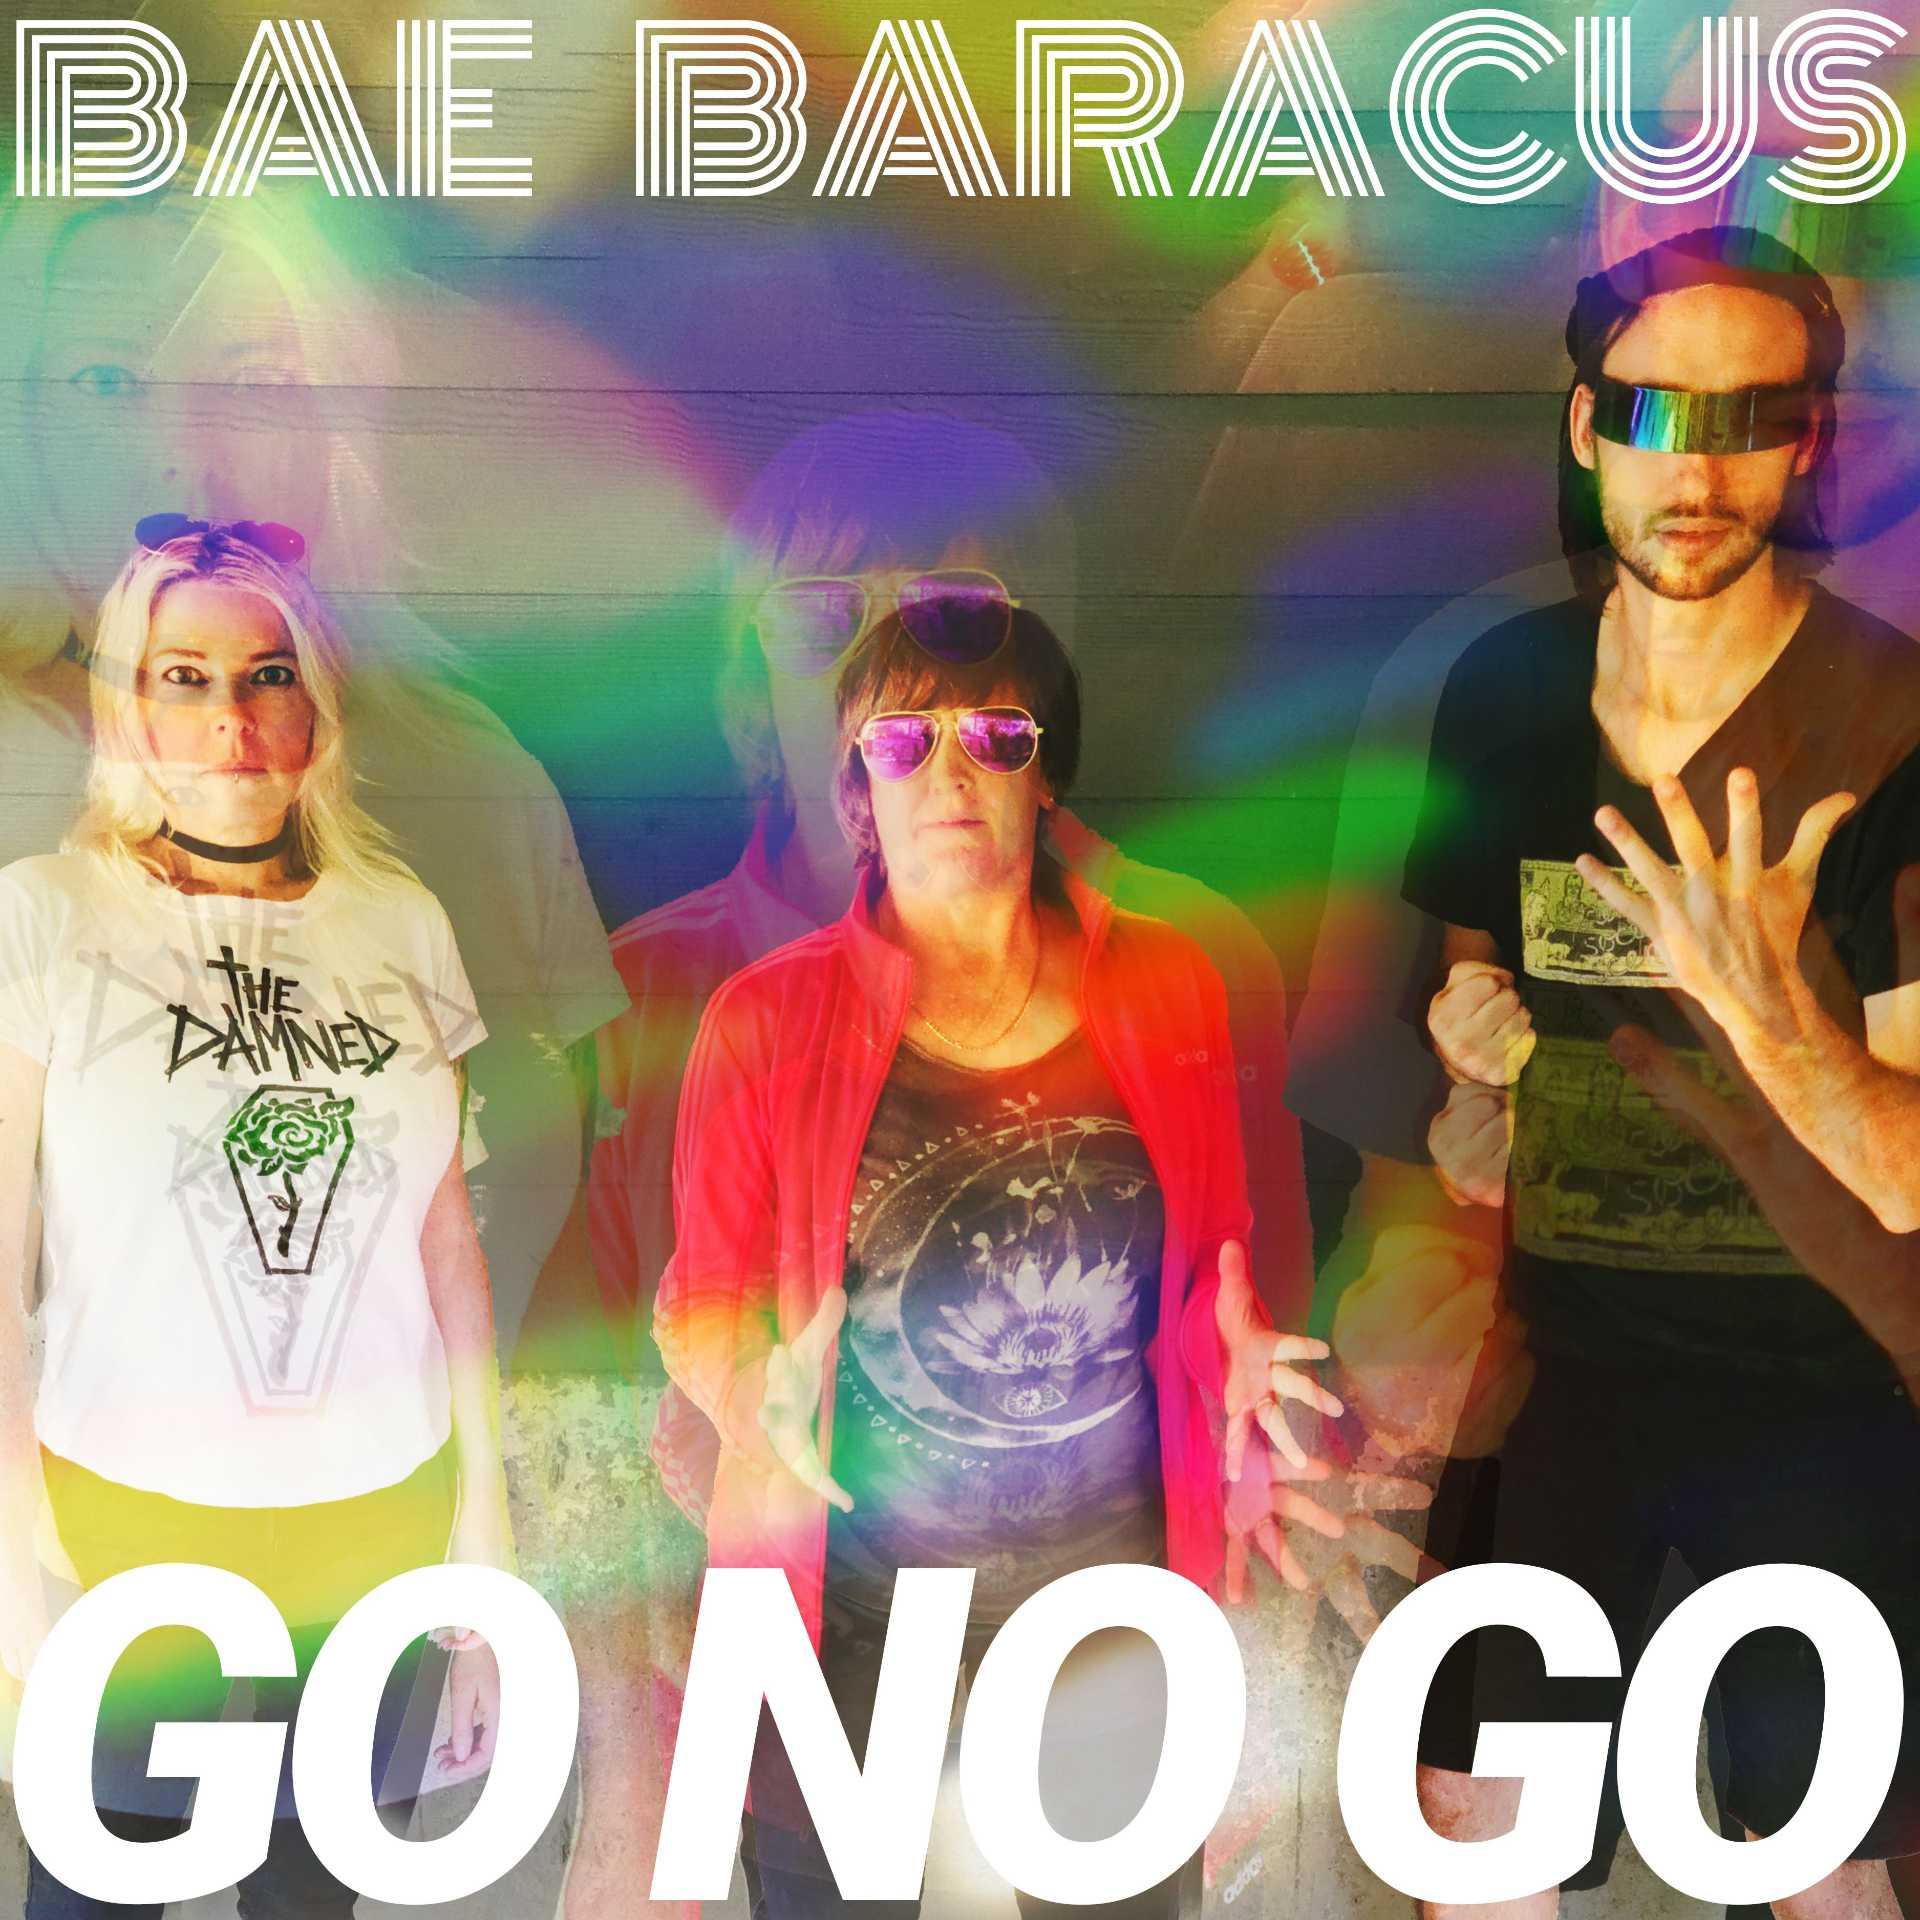 bae baracus take control